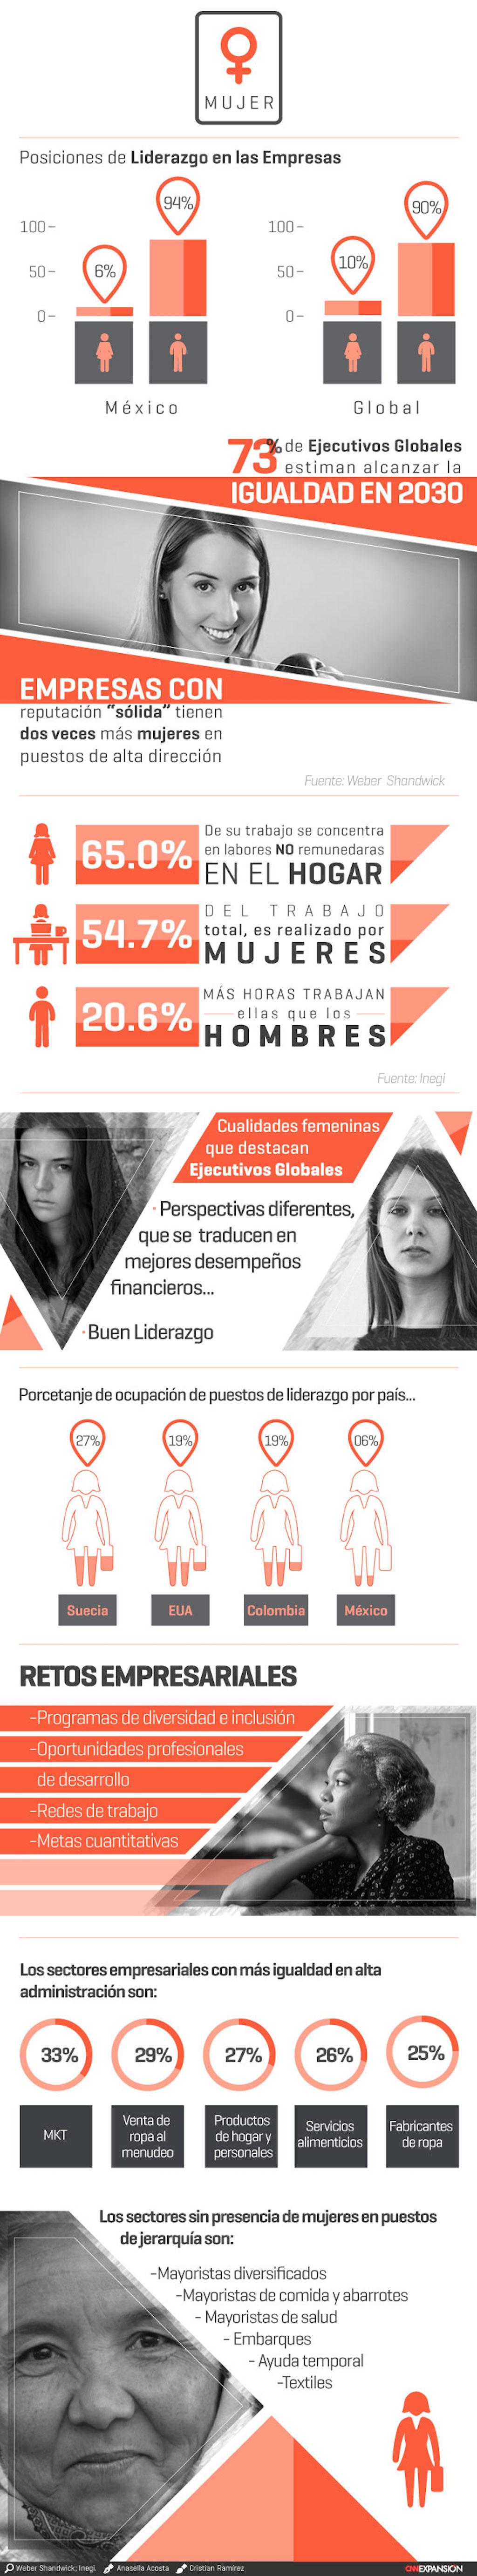 Gráfica-mujeres-Banco-Mundial-igualdad-CNN